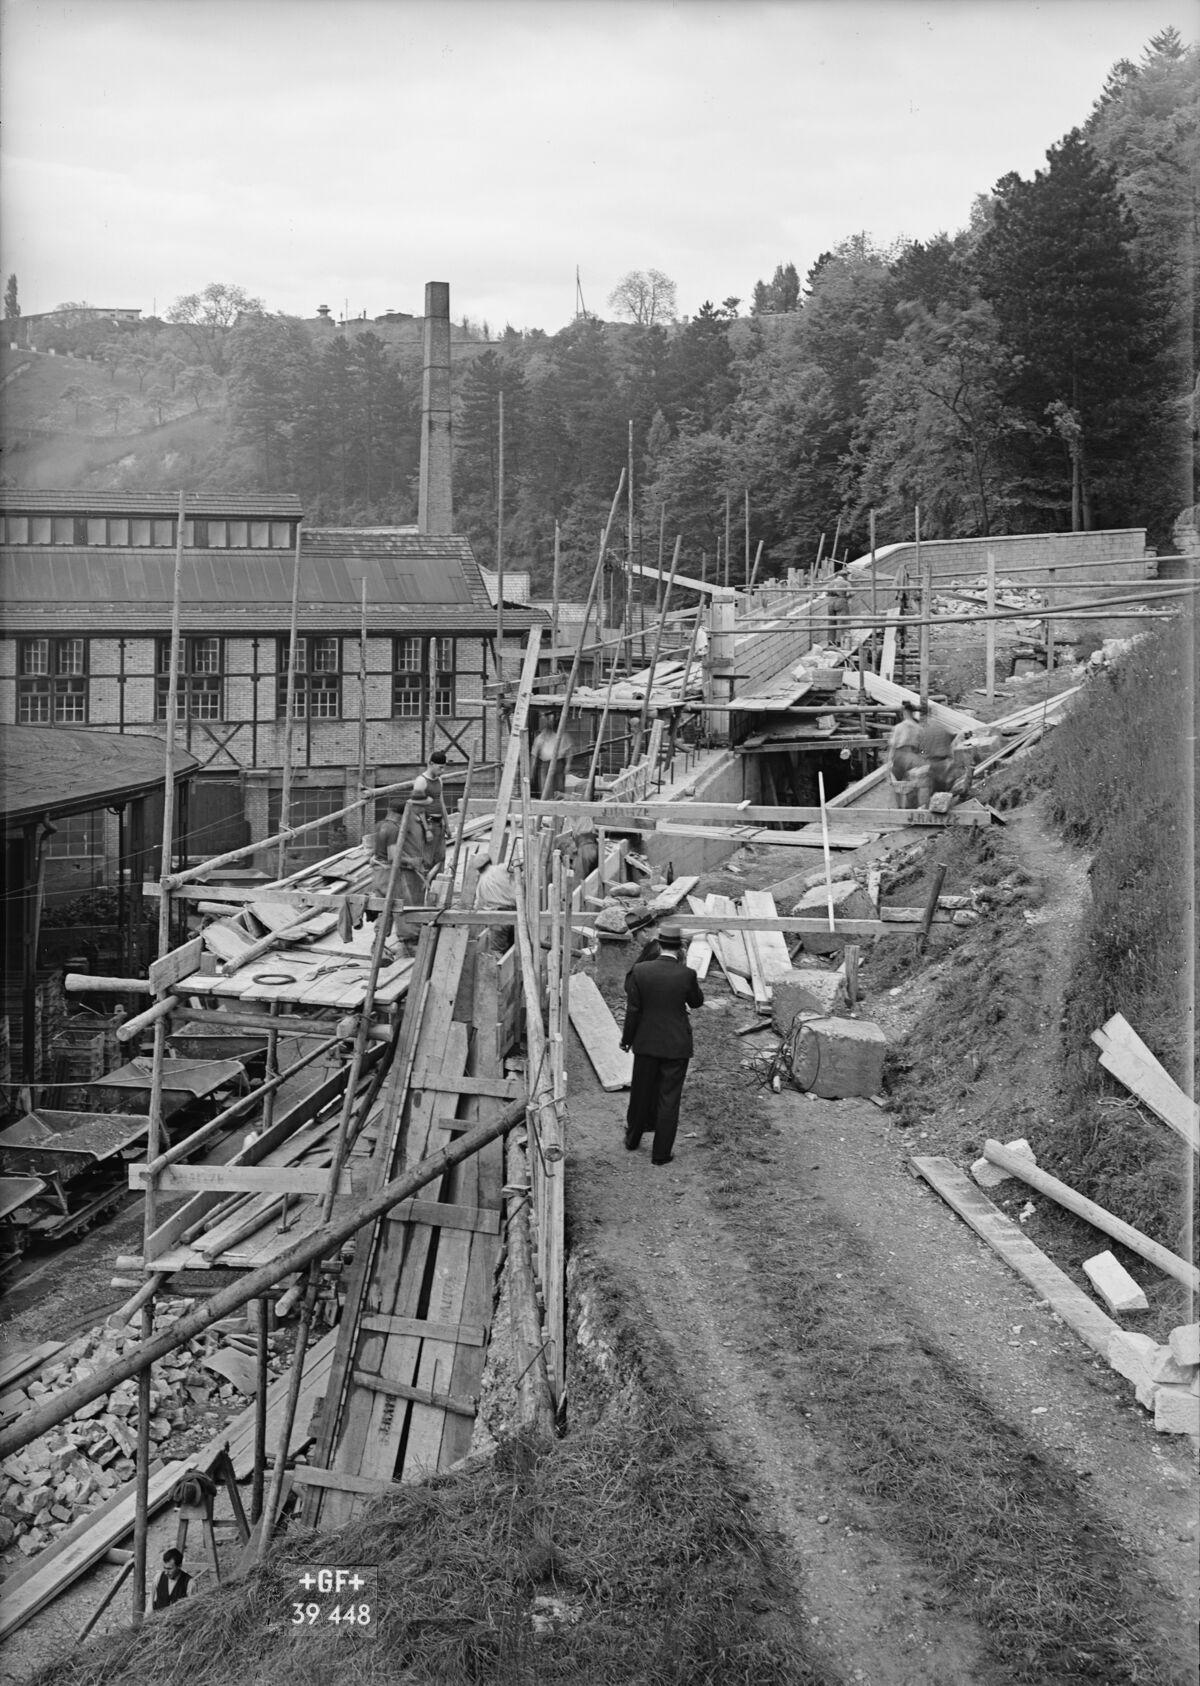 GFA 16/39448: Construction of the retaining wall near plant I